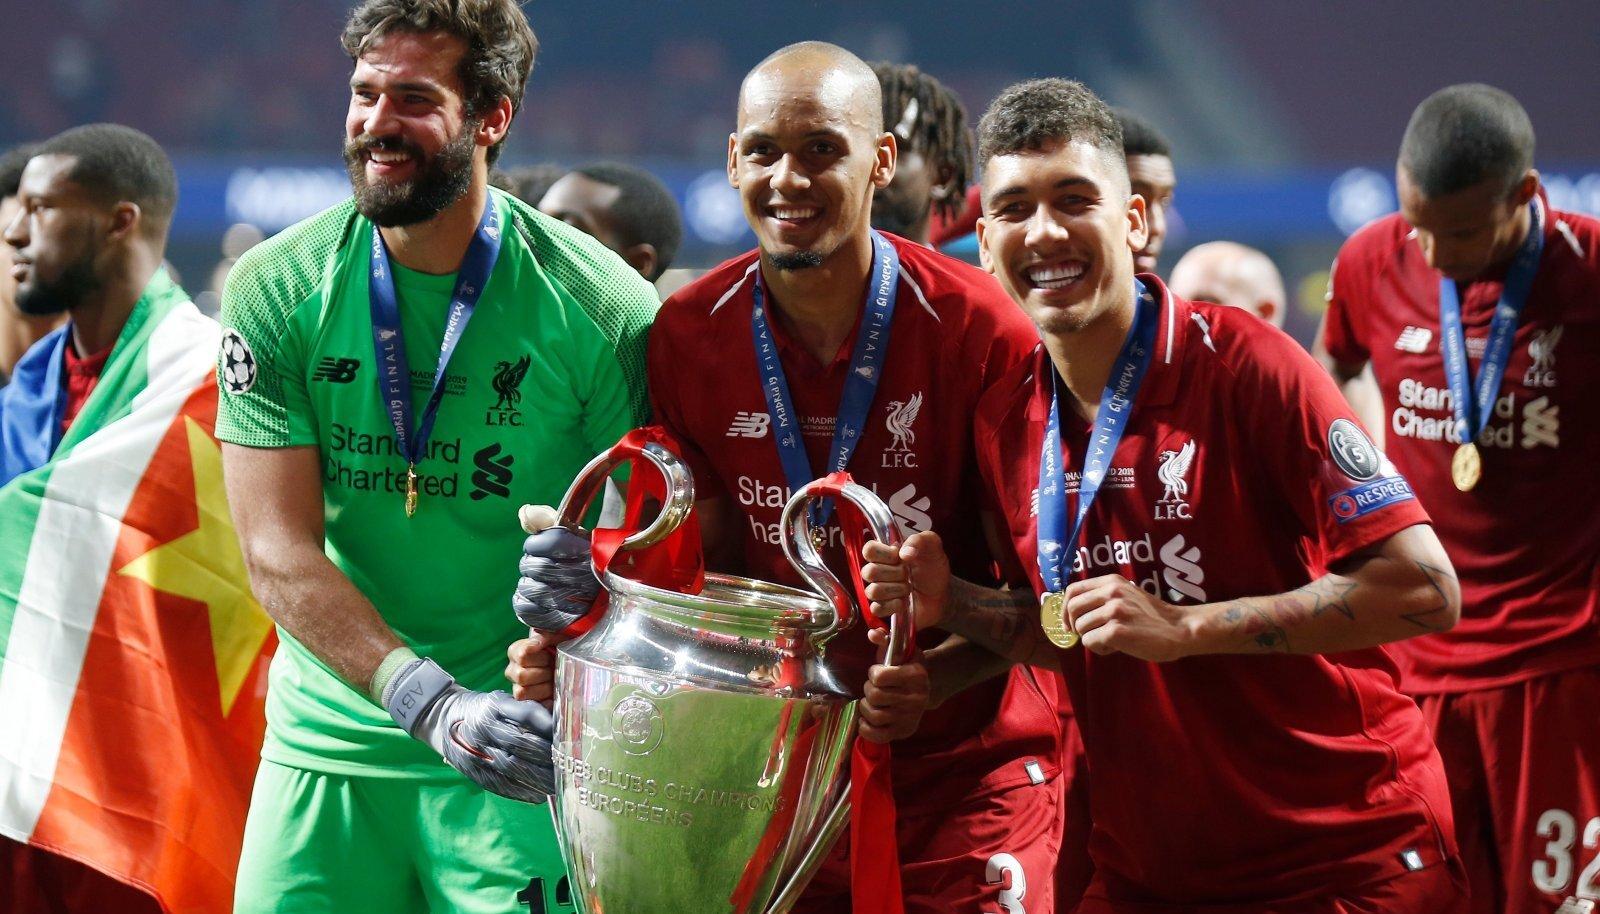 Liverpooli tähtmängijad Alisson Becker (vasakult), Fabinho ja Roberto Firmino peavad järgmist liigamängu kõrvalt vaatama.